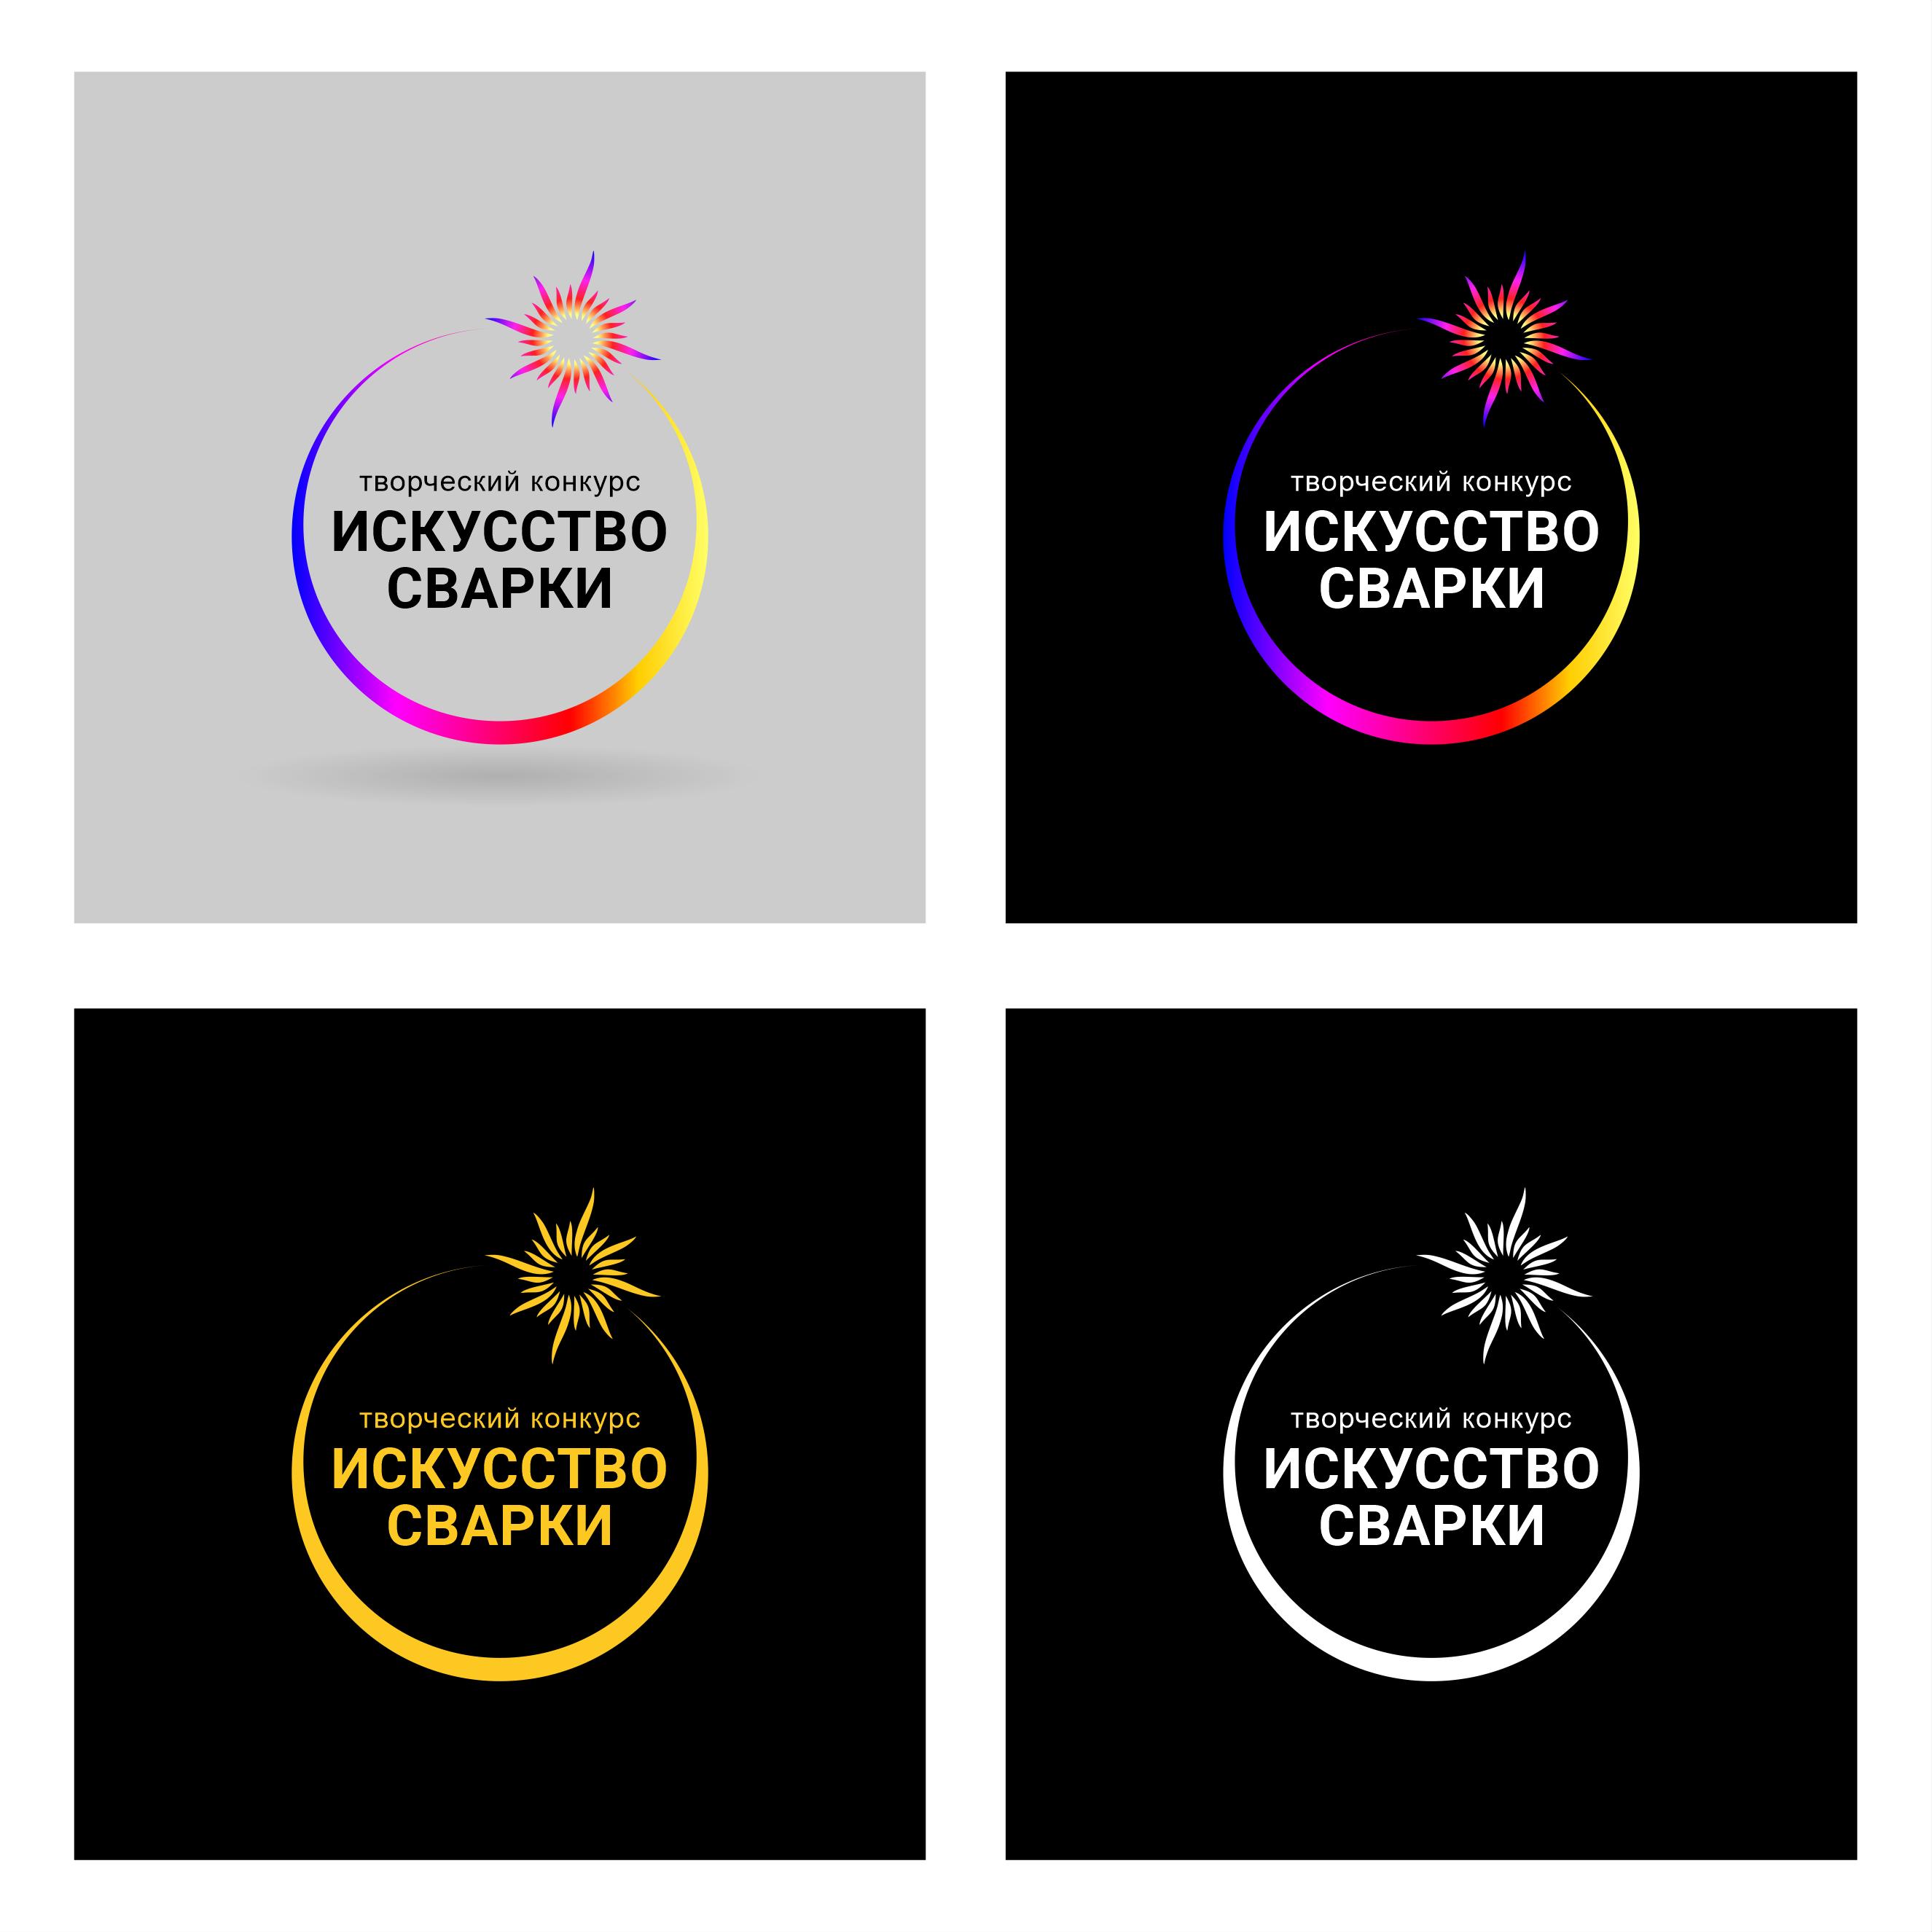 Разработка логотипа для Конкурса фото f_9185f70728d556dd.png